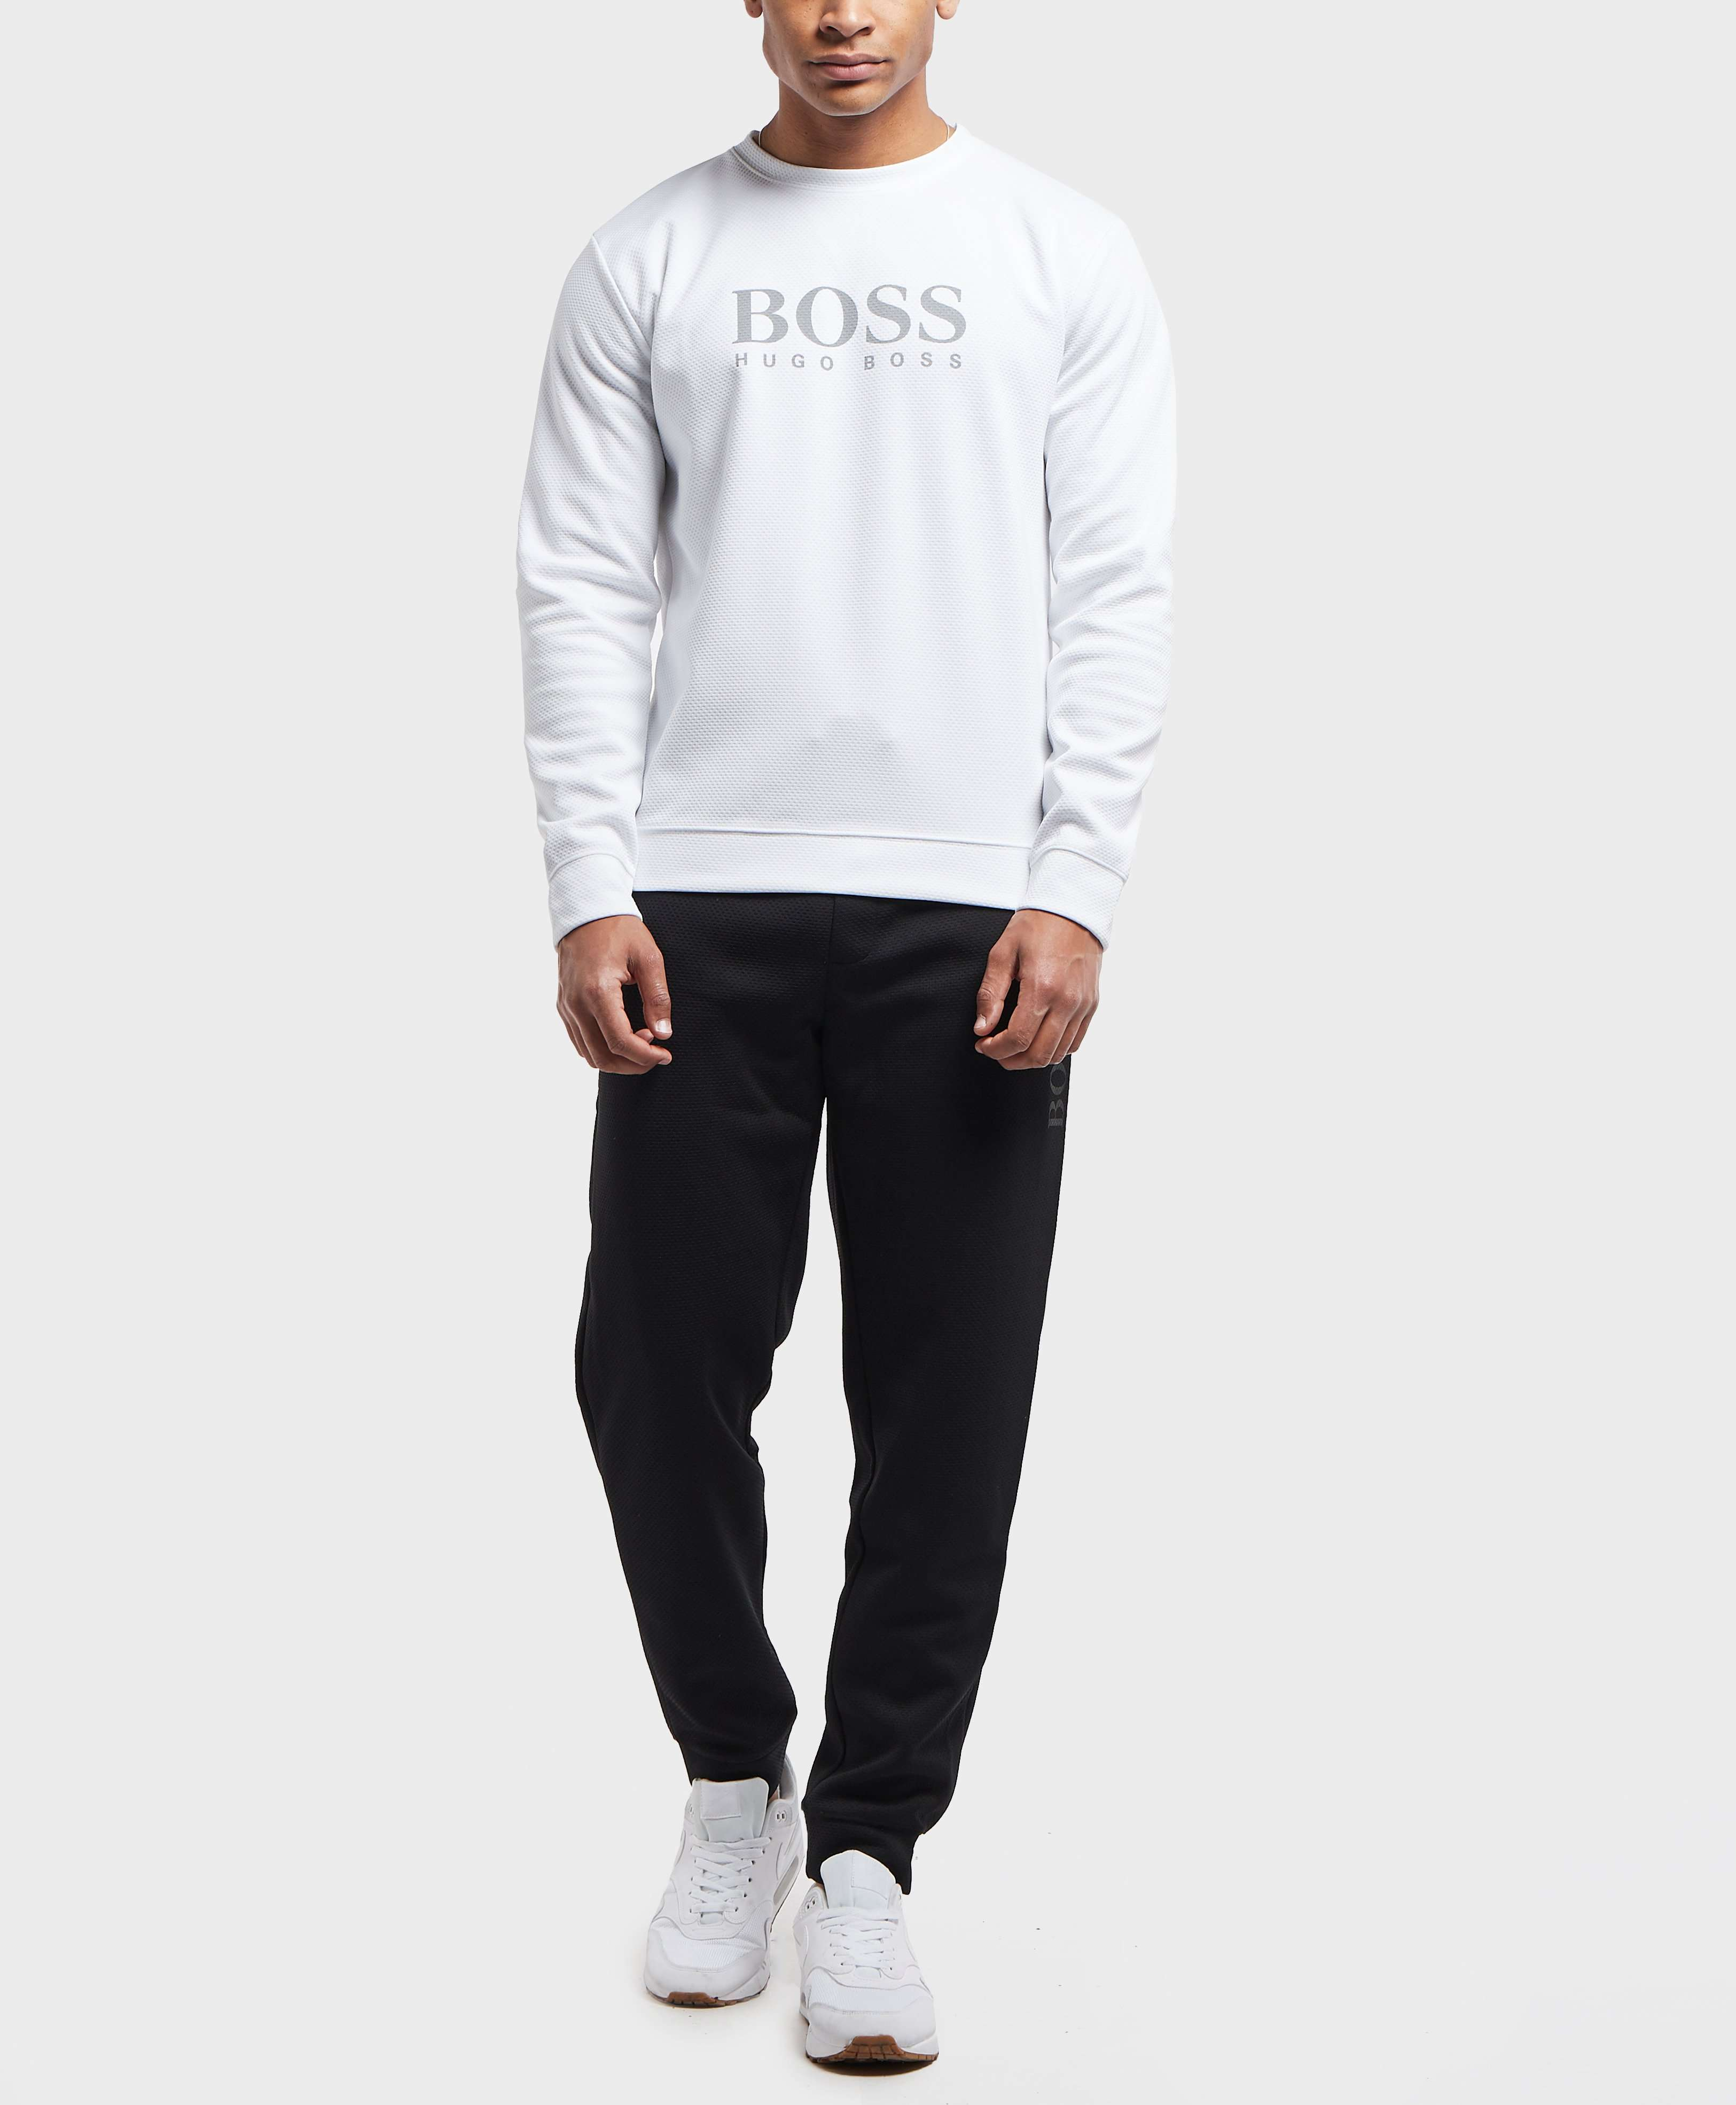 BOSS Mesh Crew Sweatshirt